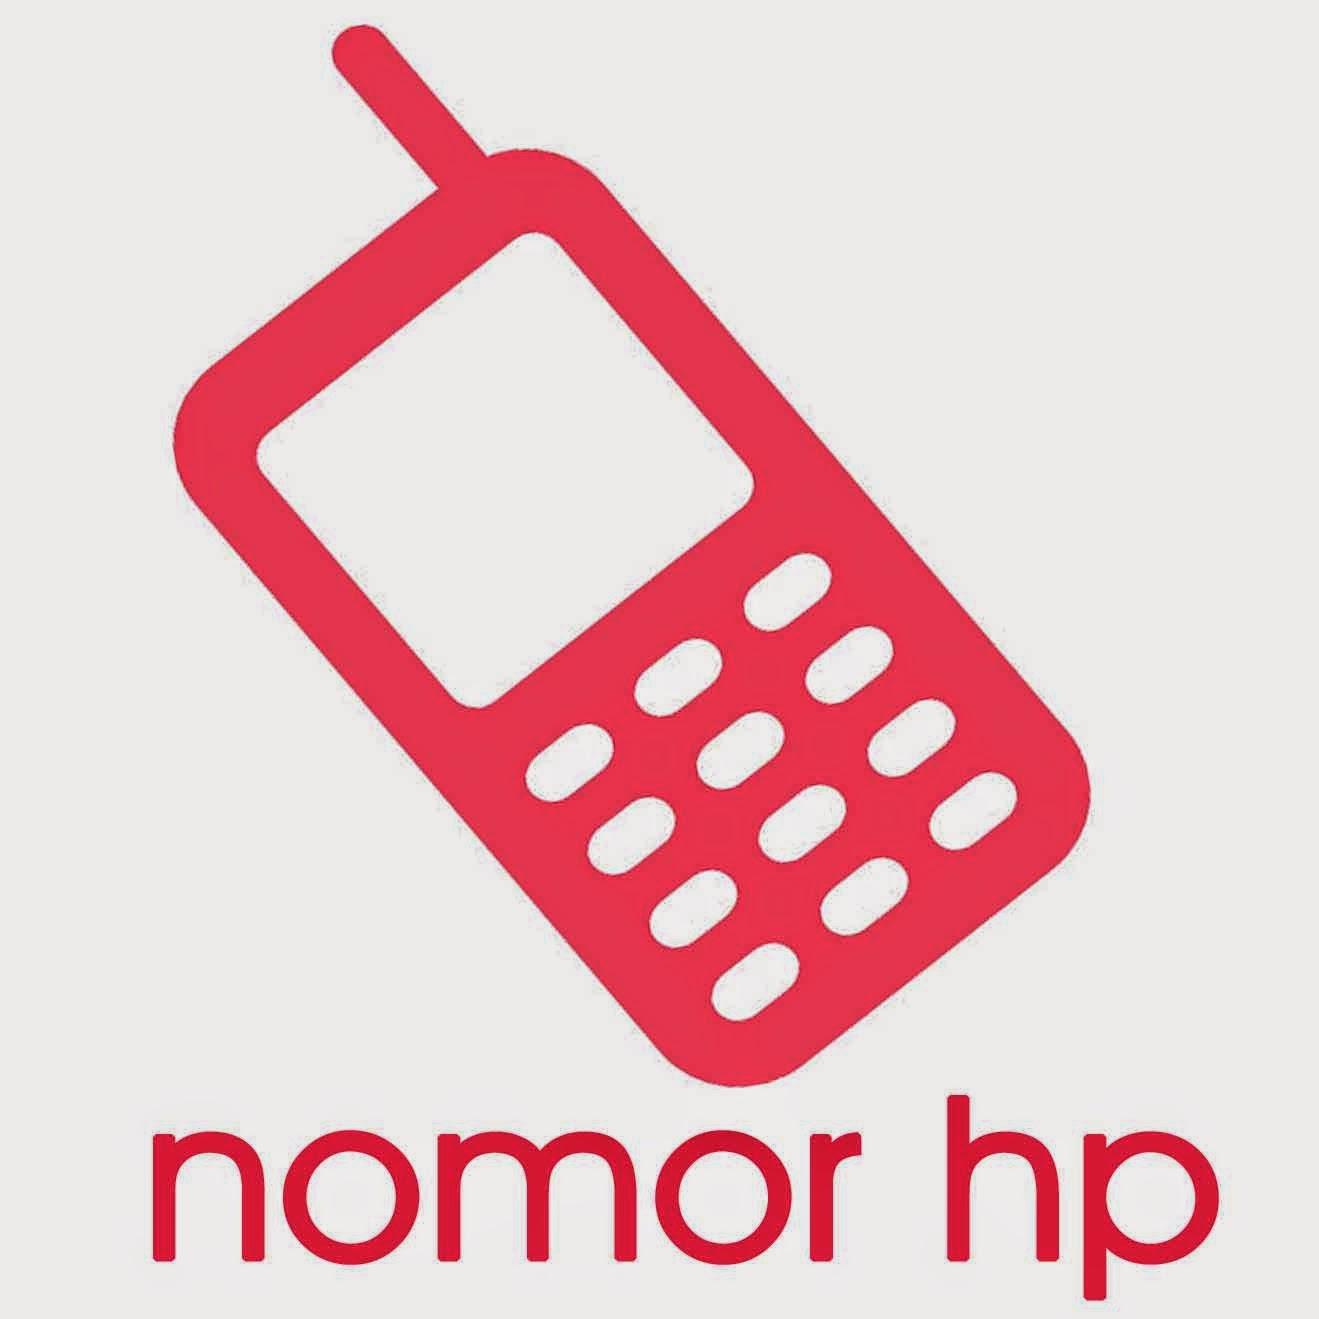 NO Handphone Kabinet Menteri Kerja - Presiden Jokowi-JK 2014